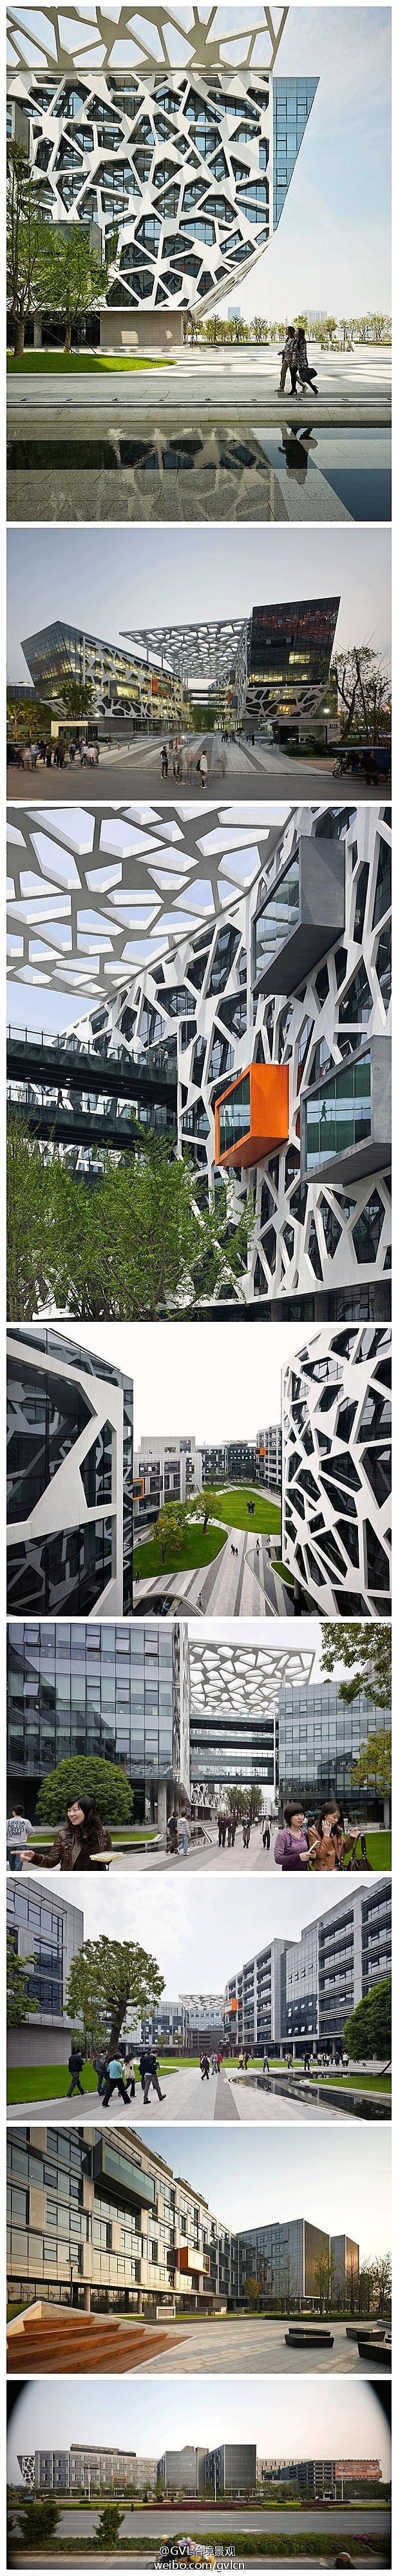 阿里巴巴杭州新园区已成为中国现代办公建筑的典范。项目采用园区式布局,办公空间设计成积极绿色的环境,员工中心、室内和室外街道、廊桥、屋顶露台,还有精心布置的驻足地点,都被设计到园区之中以营造协作氛围。区内醒目而统一的中国特色冰花玻璃窗图案外屏,正是意在表现江南园林的环境特征。